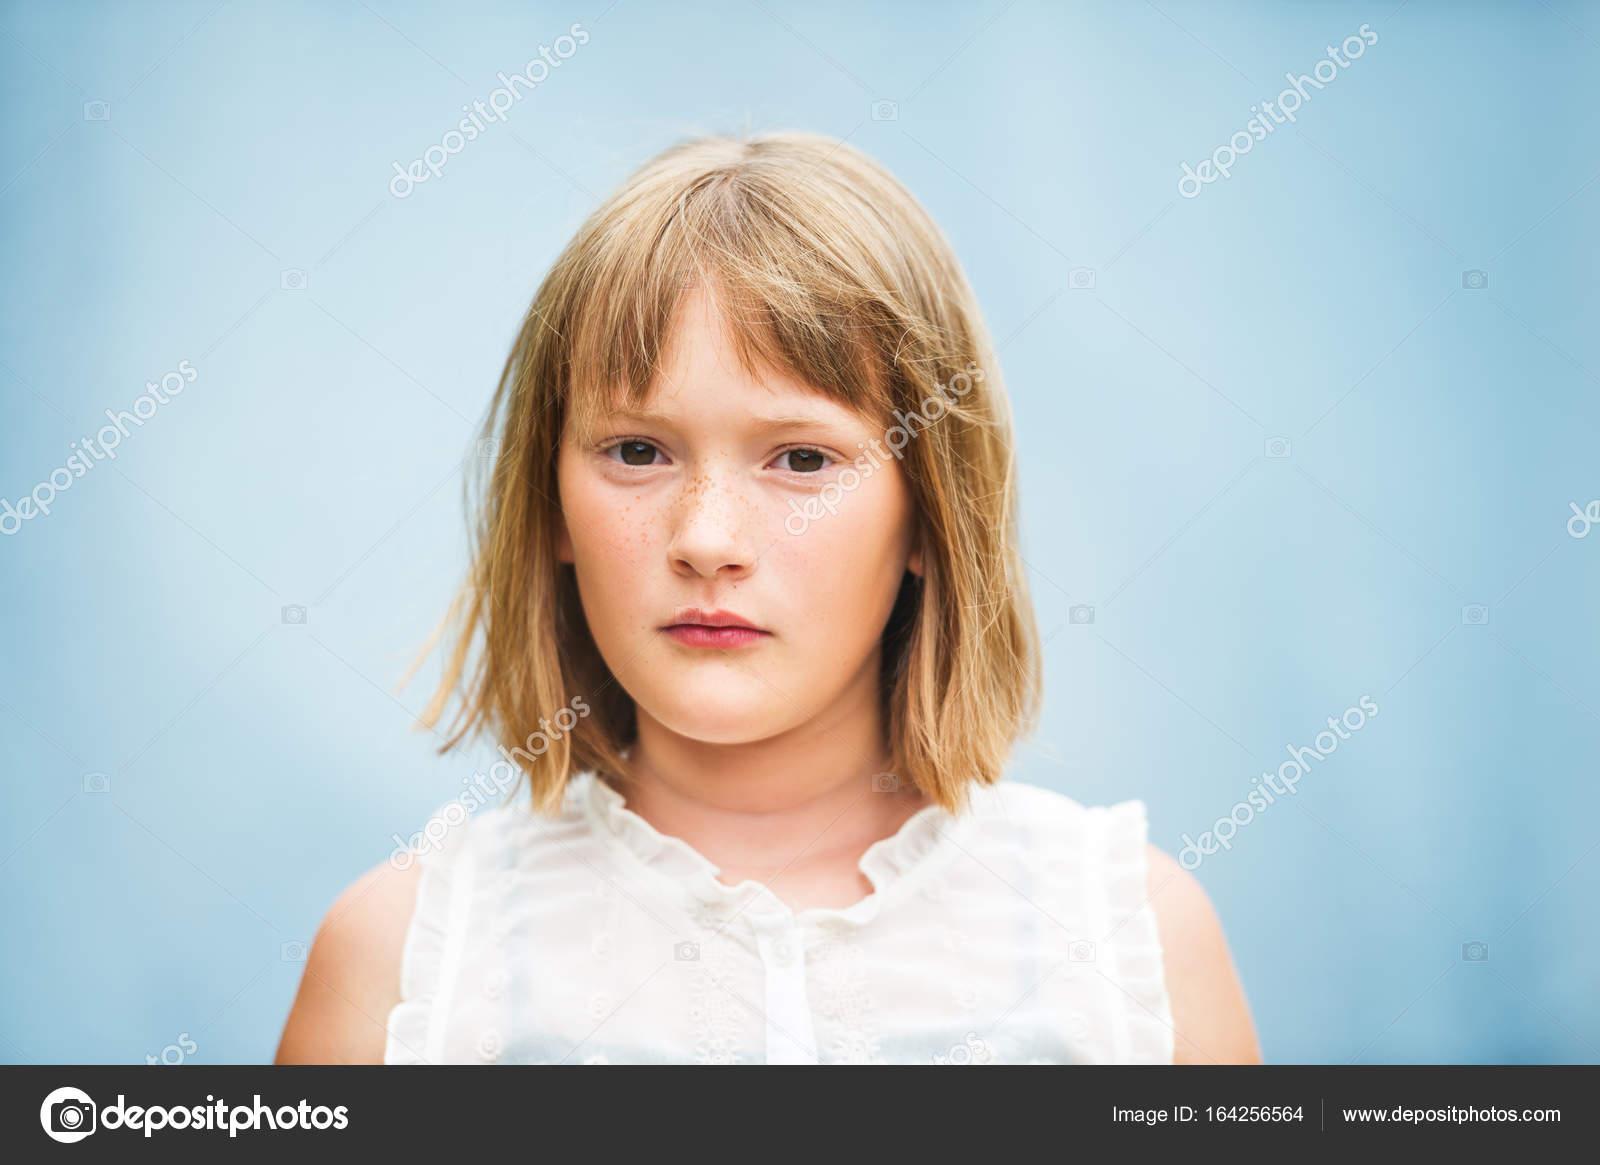 Portret Urocza Dziewczynka Z Krótki Bob Fryzura Stojący Niebieskim